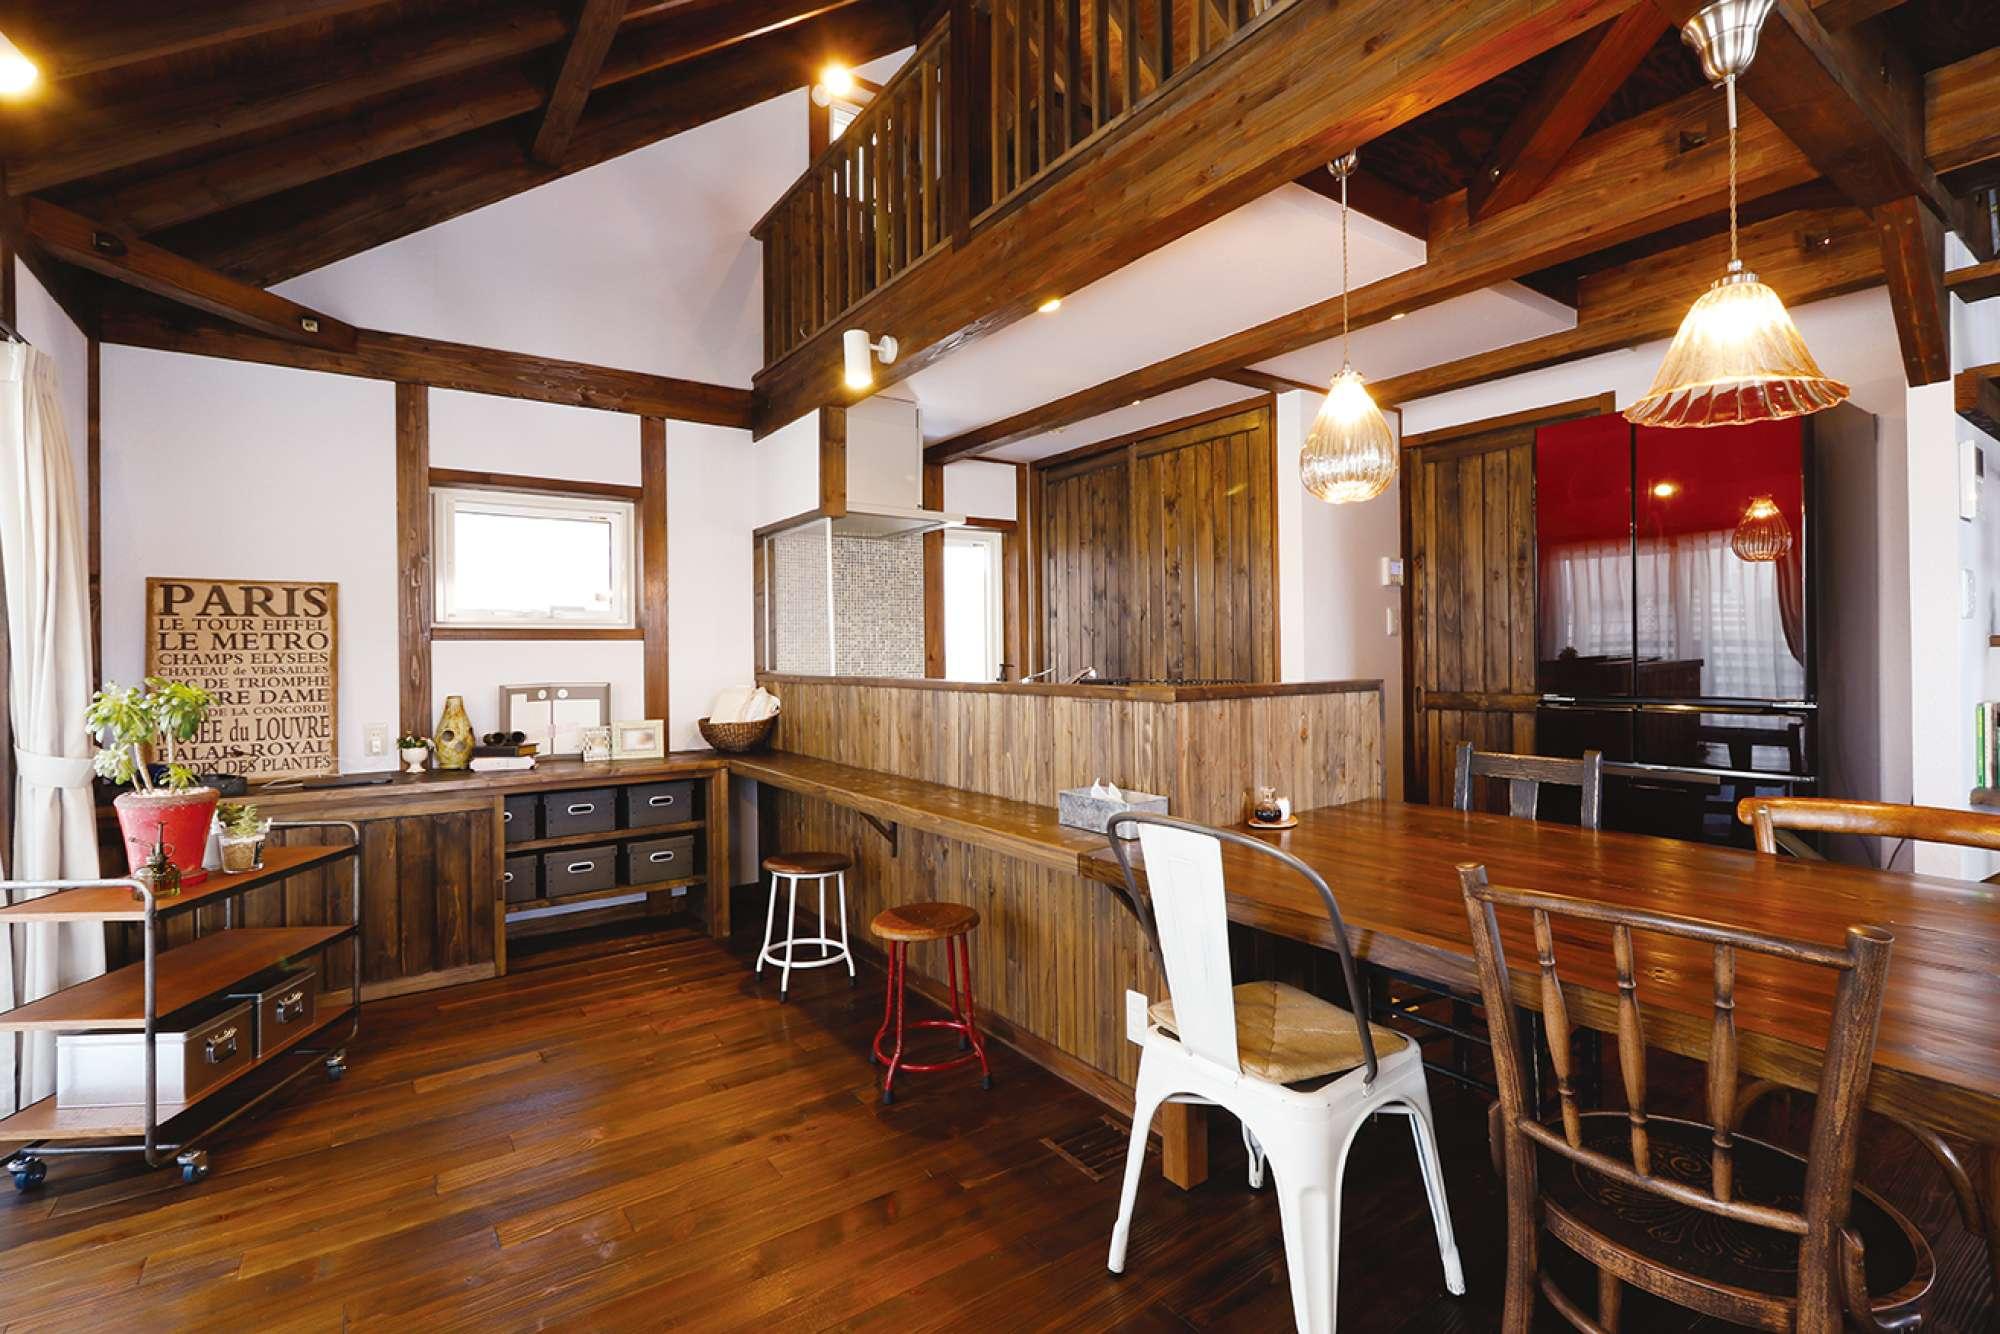 木の魅力を最大限に引き出した 多彩な造作、2階に大空間を創出 -